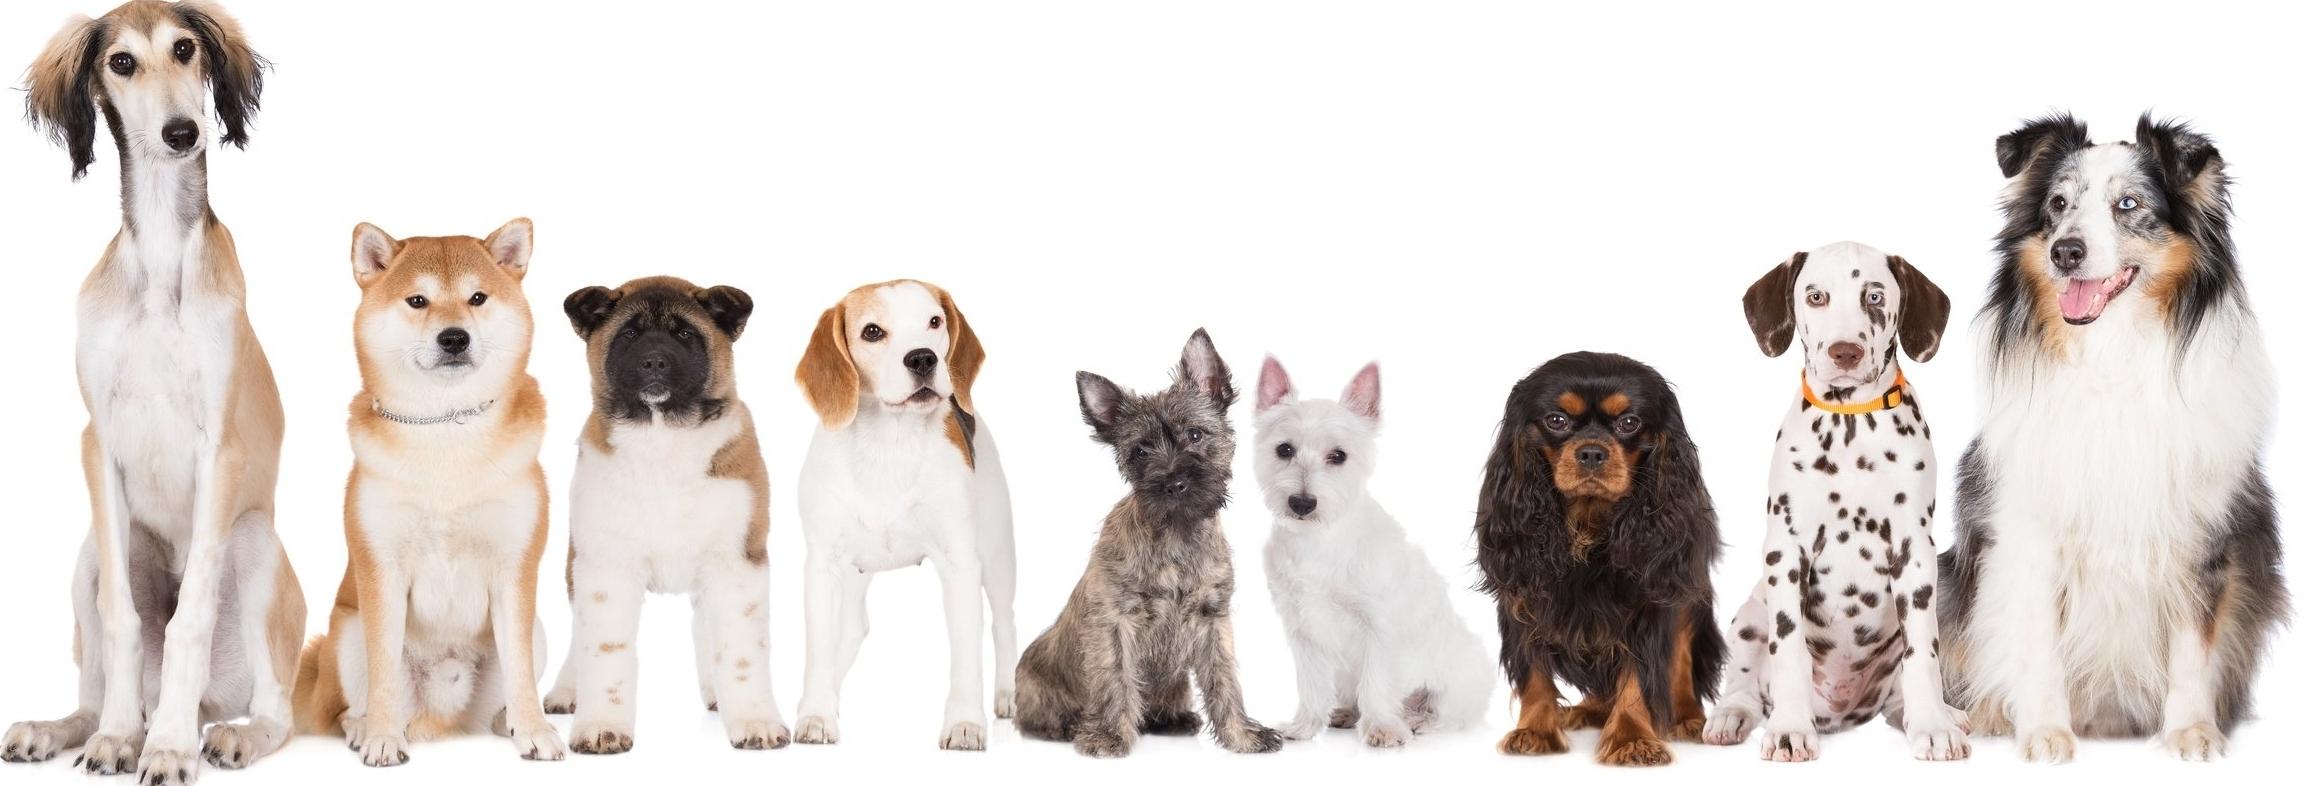 Sama_Dog_Dosha Dogs